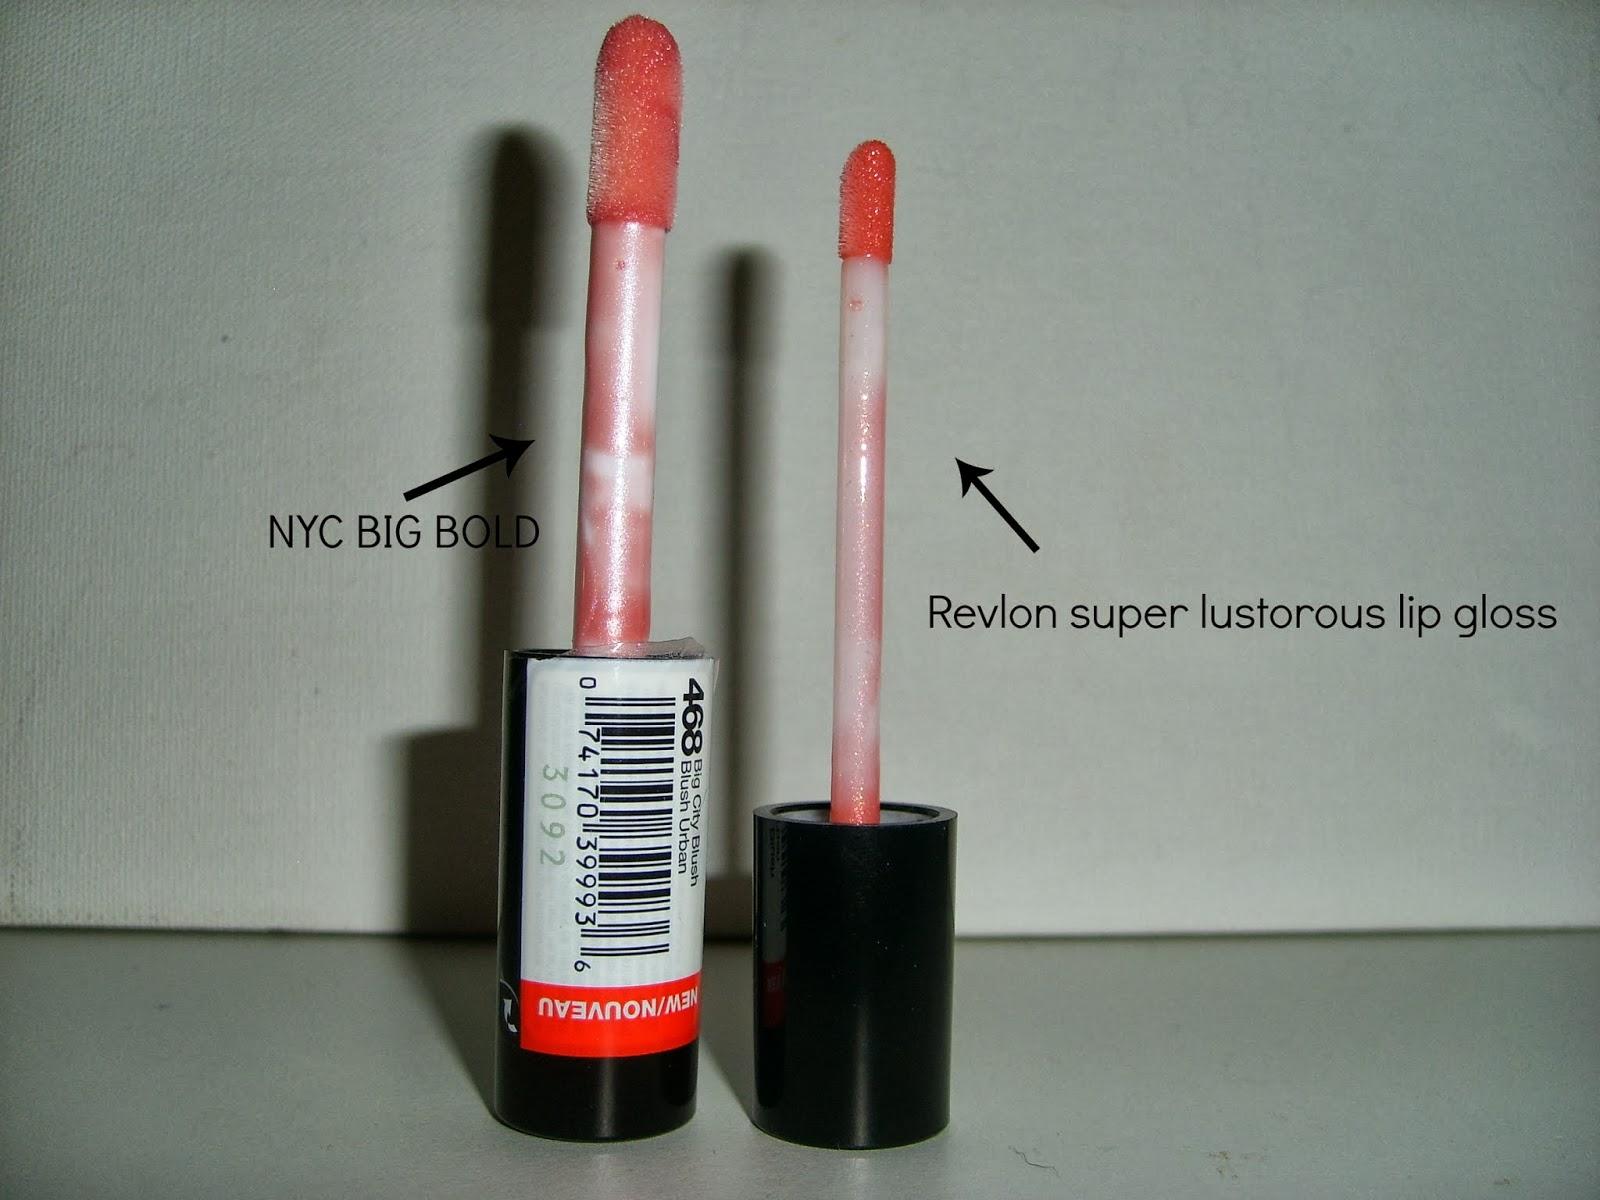 NYC plumping lip gloss wand comparison